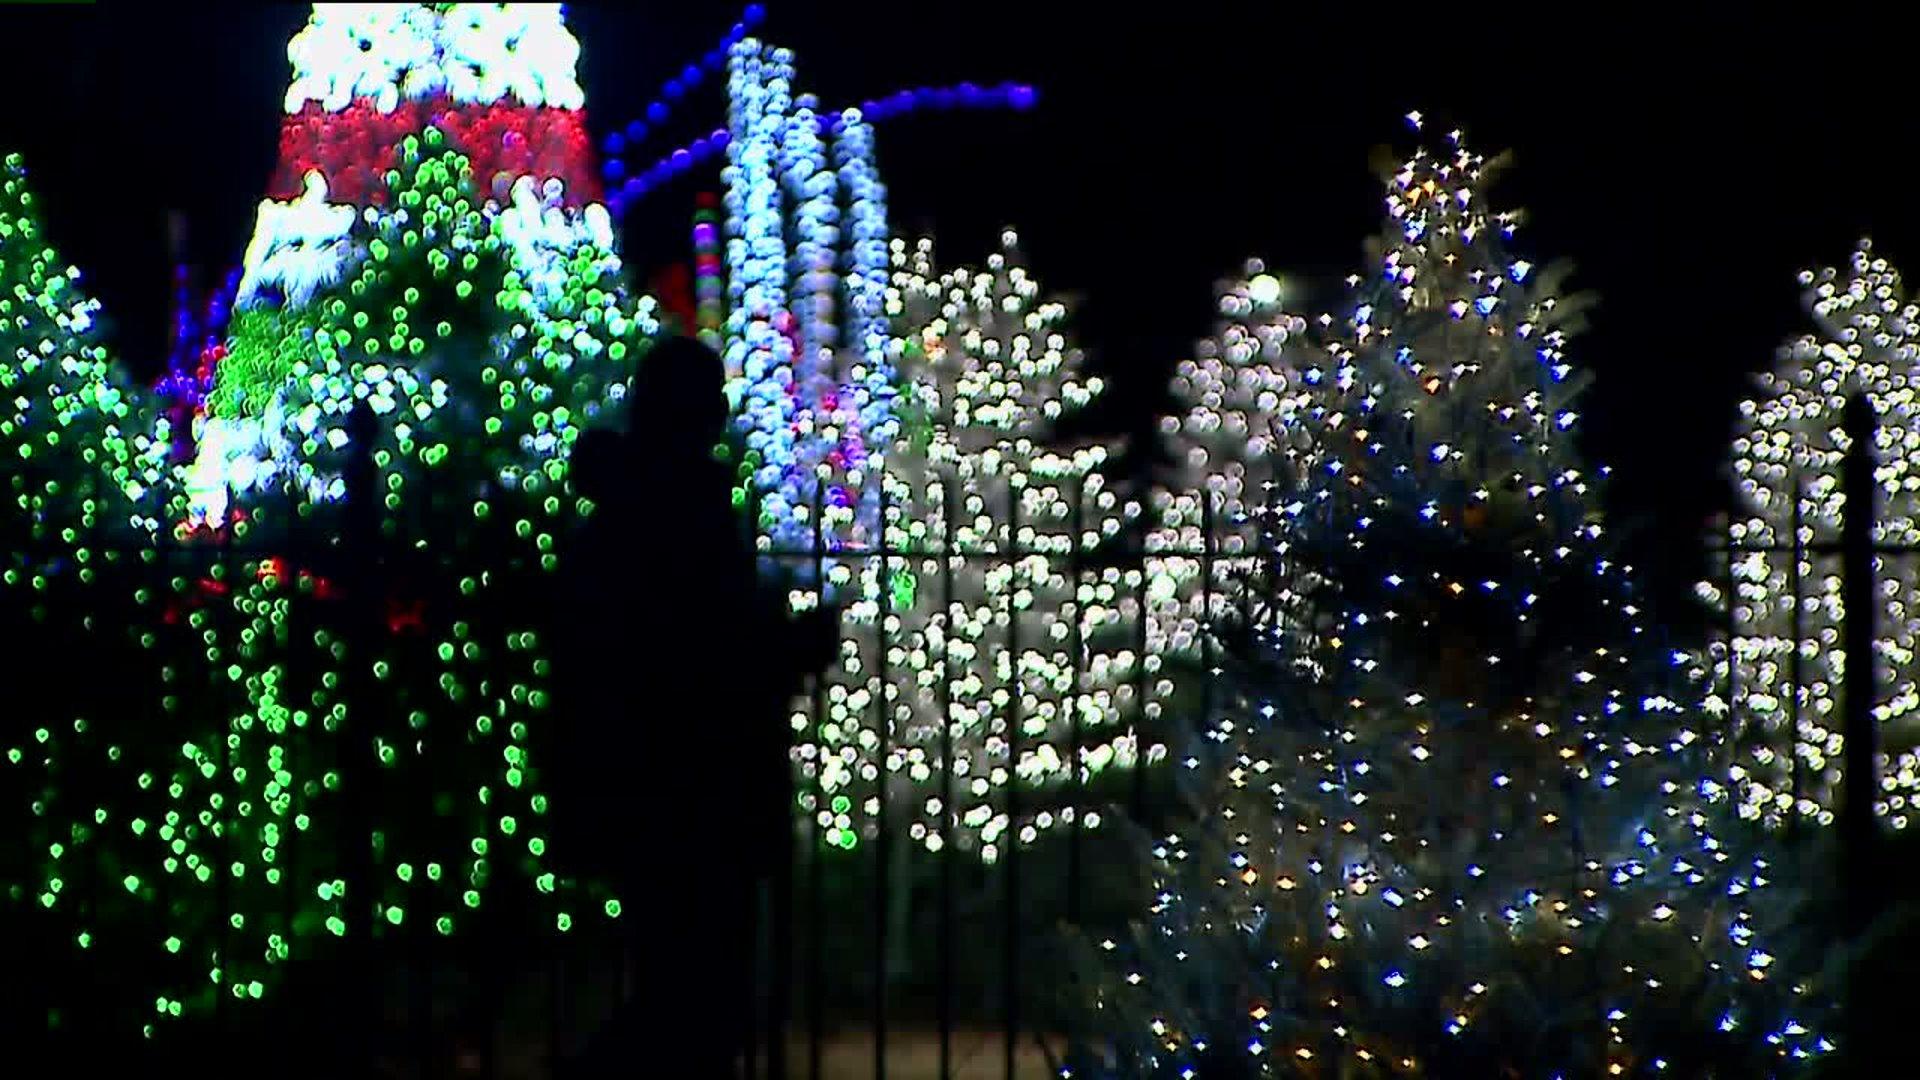 Nela Park Christmas Lights 2020 nela park christmas lighting | fox8.com